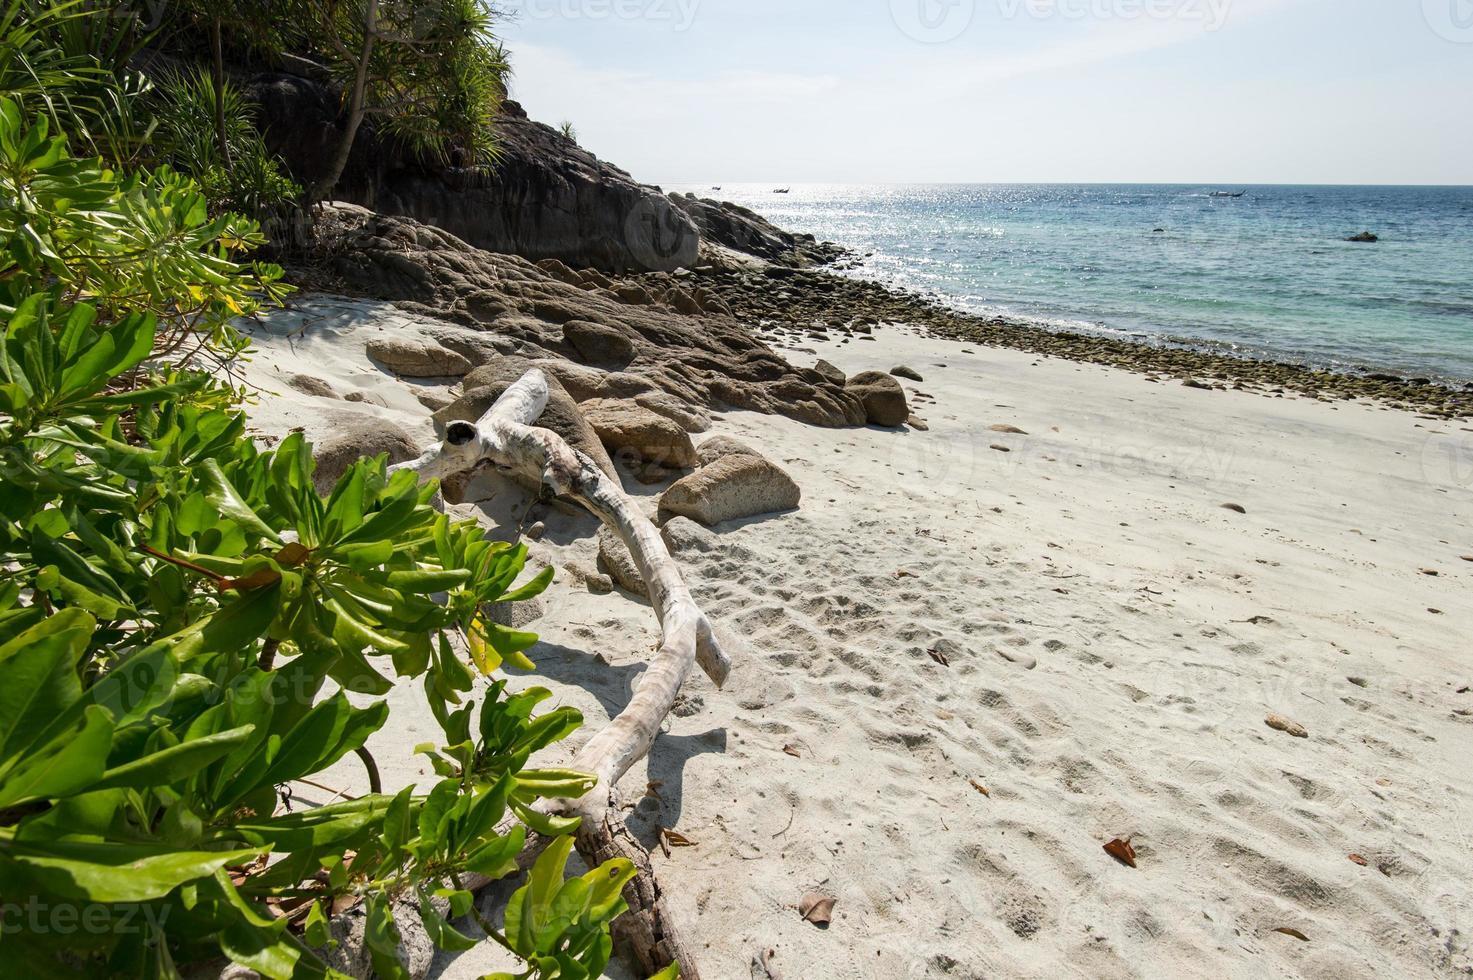 mar y la selva en el parque marino nacional tarutao foto